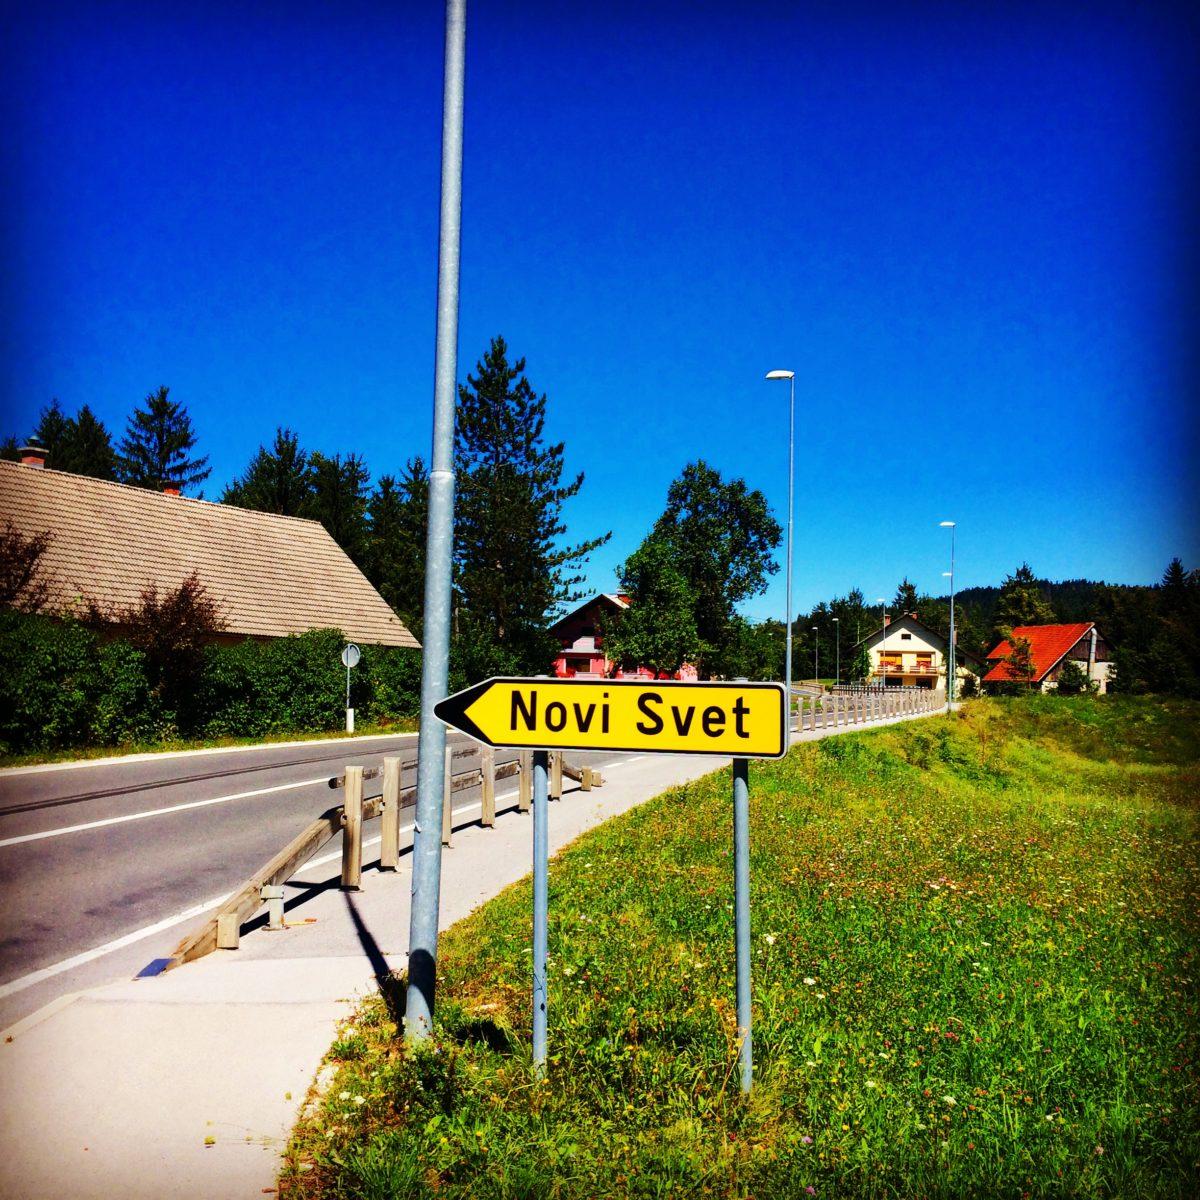 """Novi Svet, Slovenija """"Valja putovati"""" mi se čini kao jedini slogan ispod kojeg bih stao - kaže Prelević"""